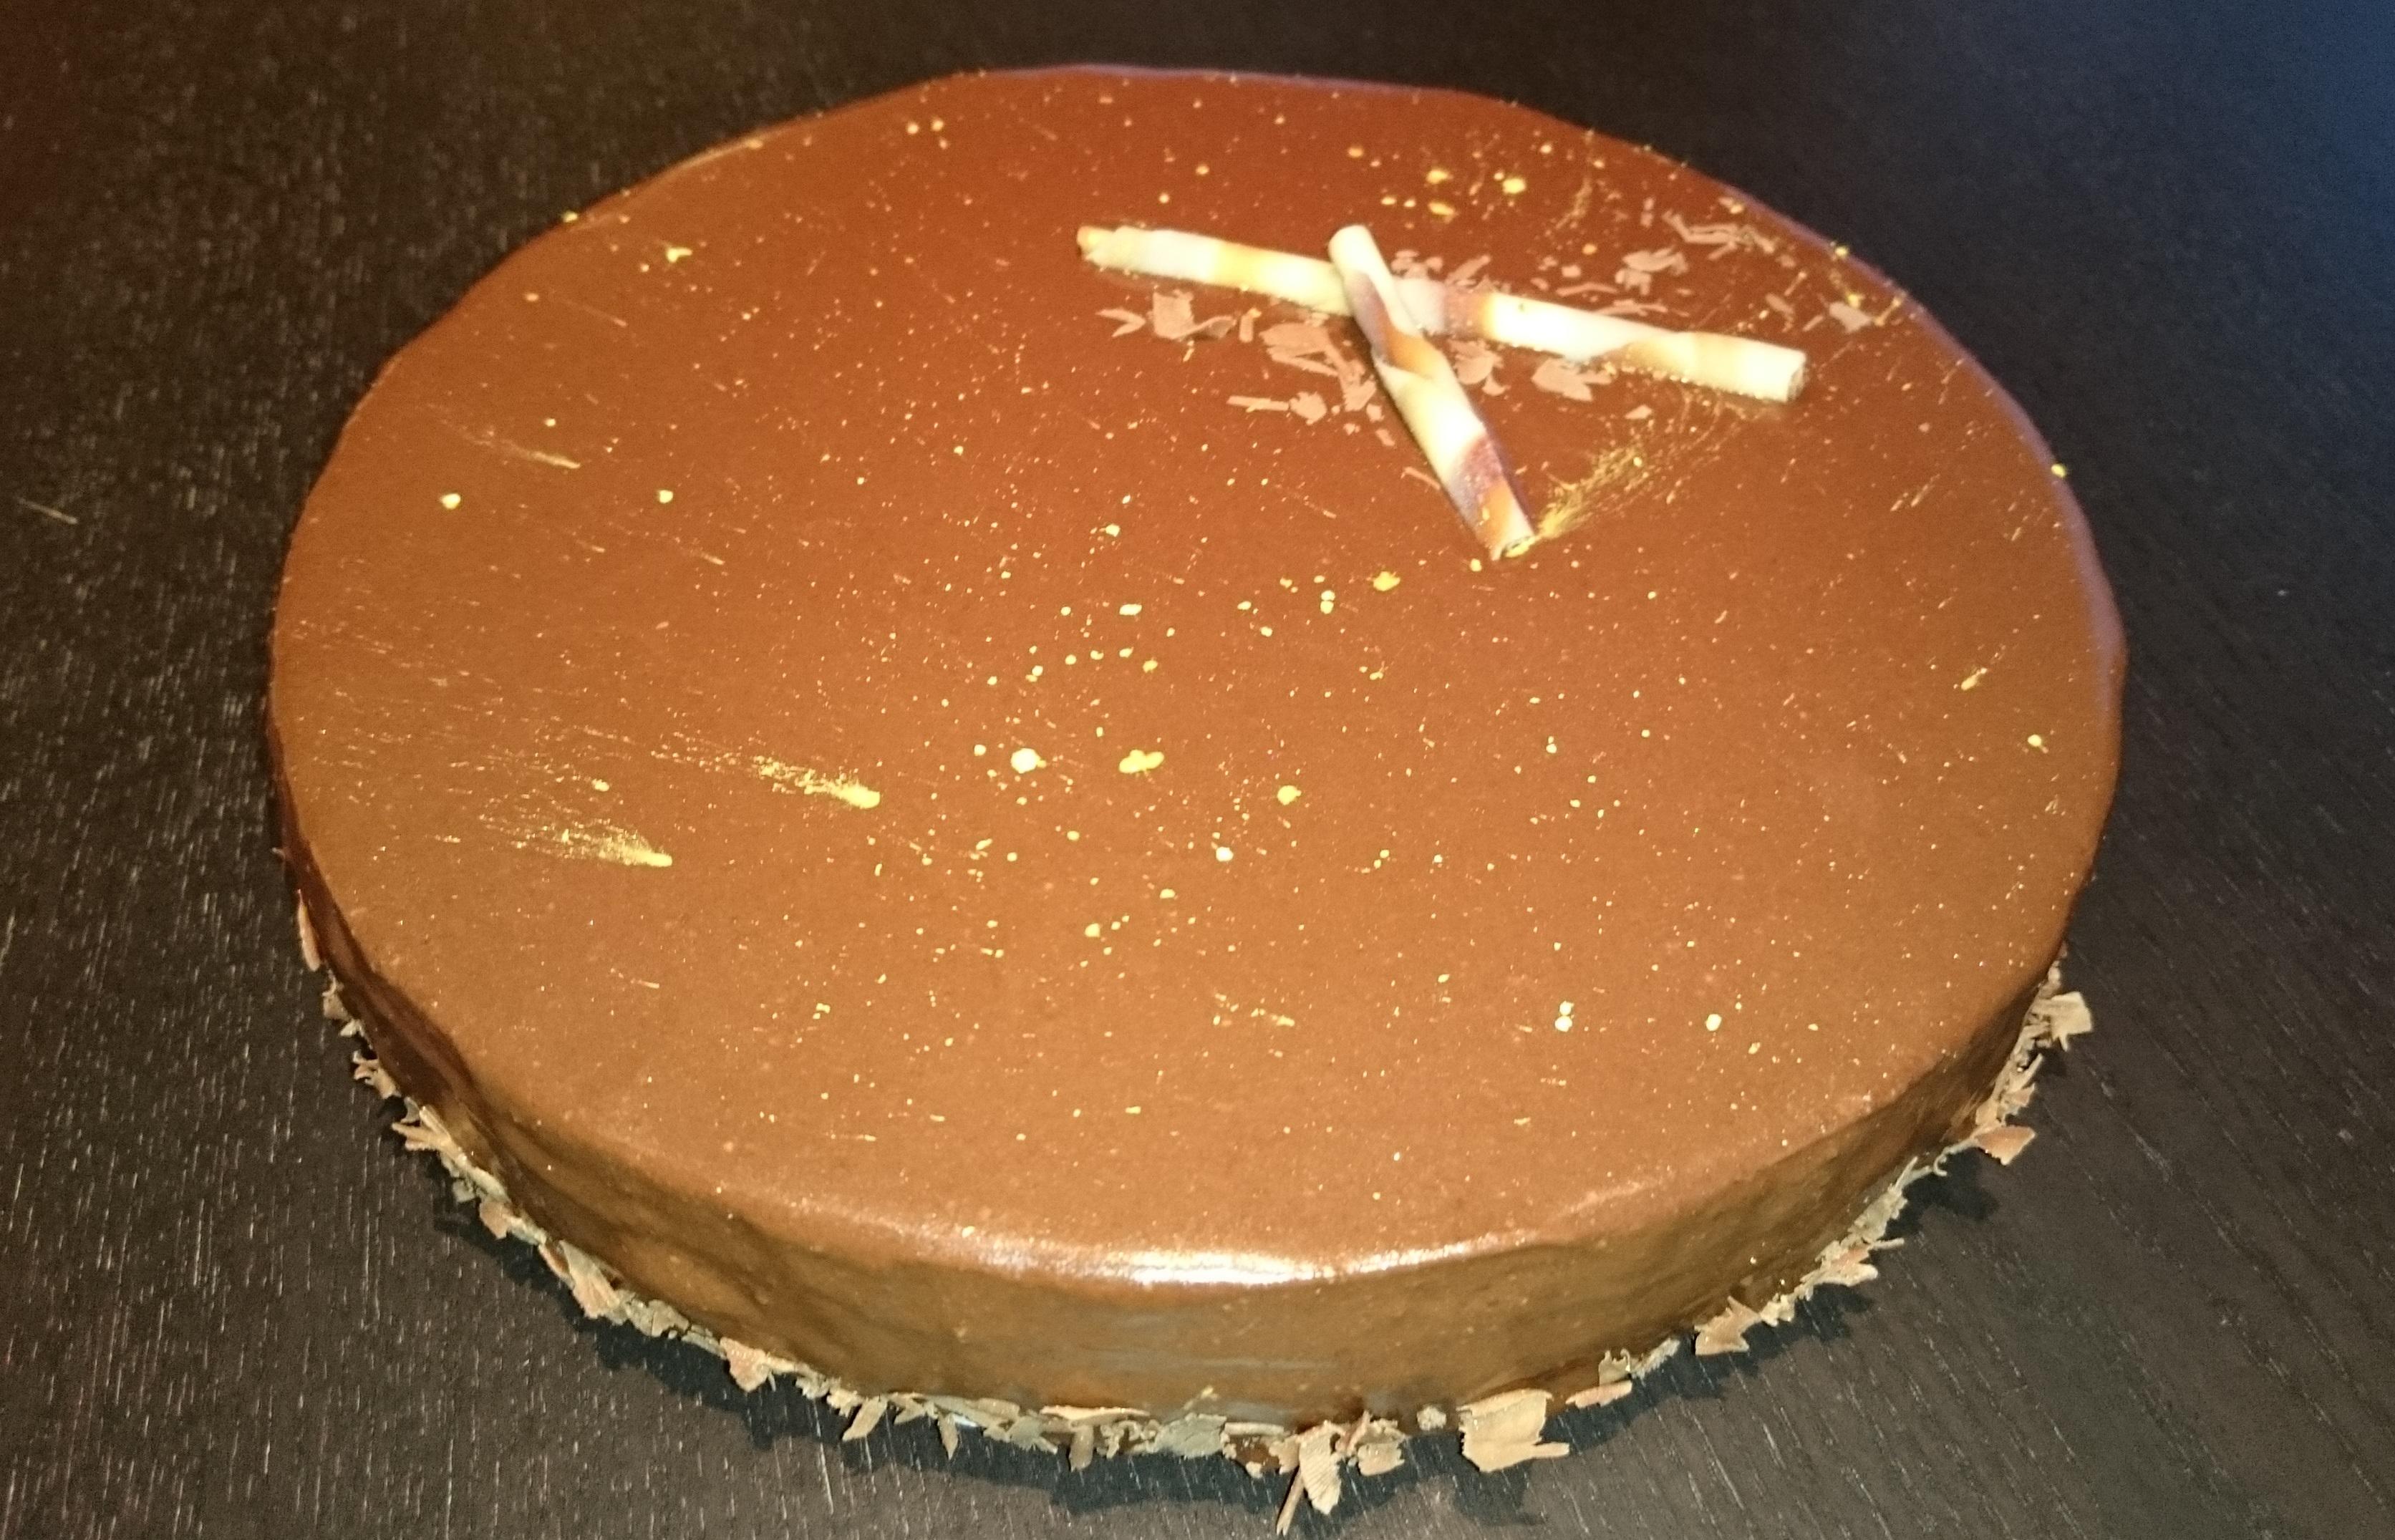 Gla age au chocolat a turbine en cuisine - Glacage pour eclair au chocolat ...